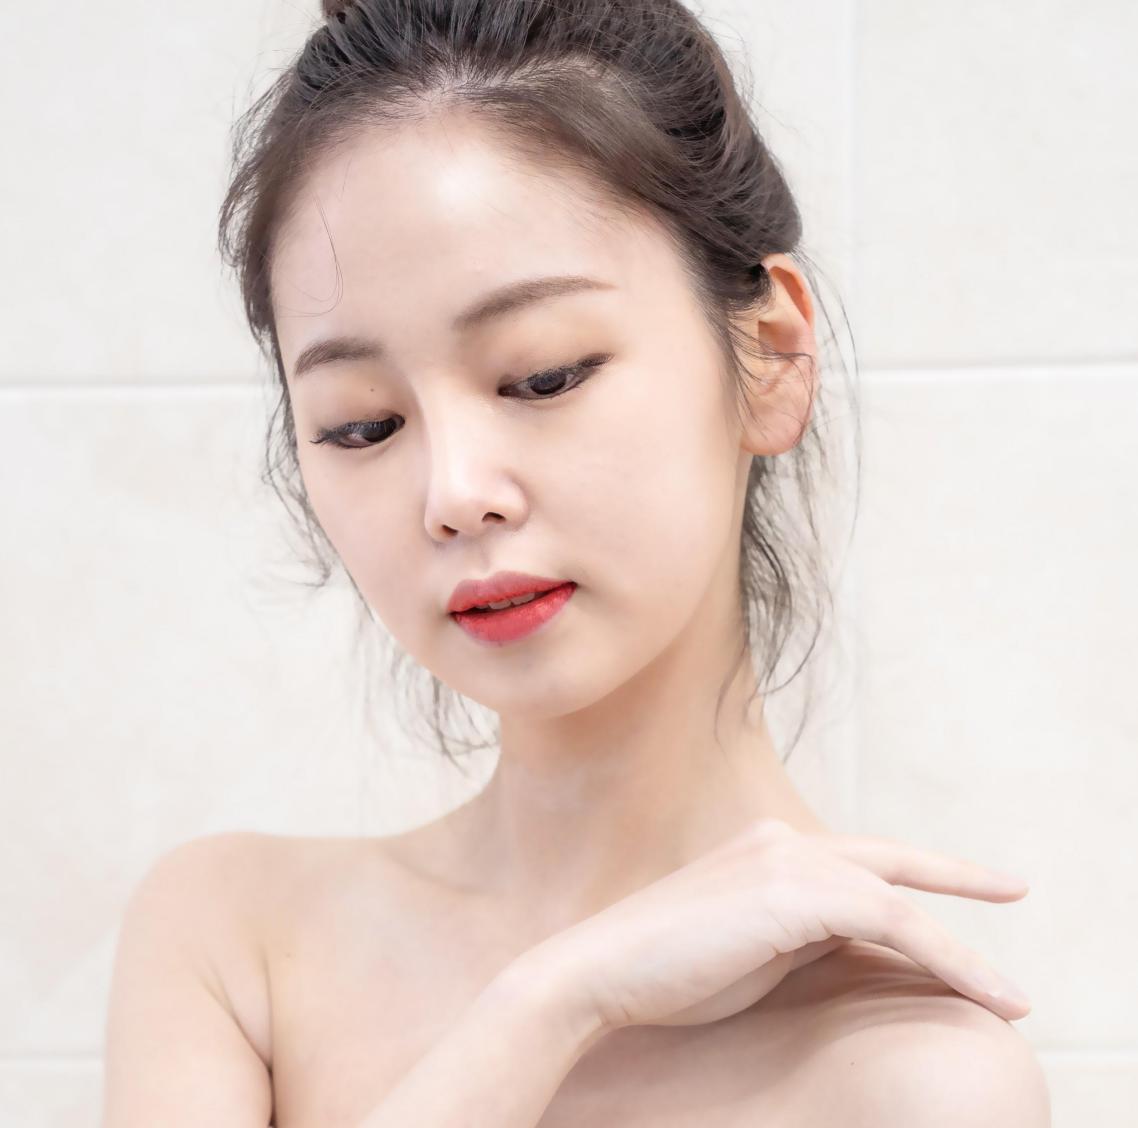 """""""Sốt xình xịch"""" xu hướng làm đẹp glass skin và bí quyết dưỡng da căng bóng sáng mịn như con gái Hàn Quốc - Ảnh 1."""